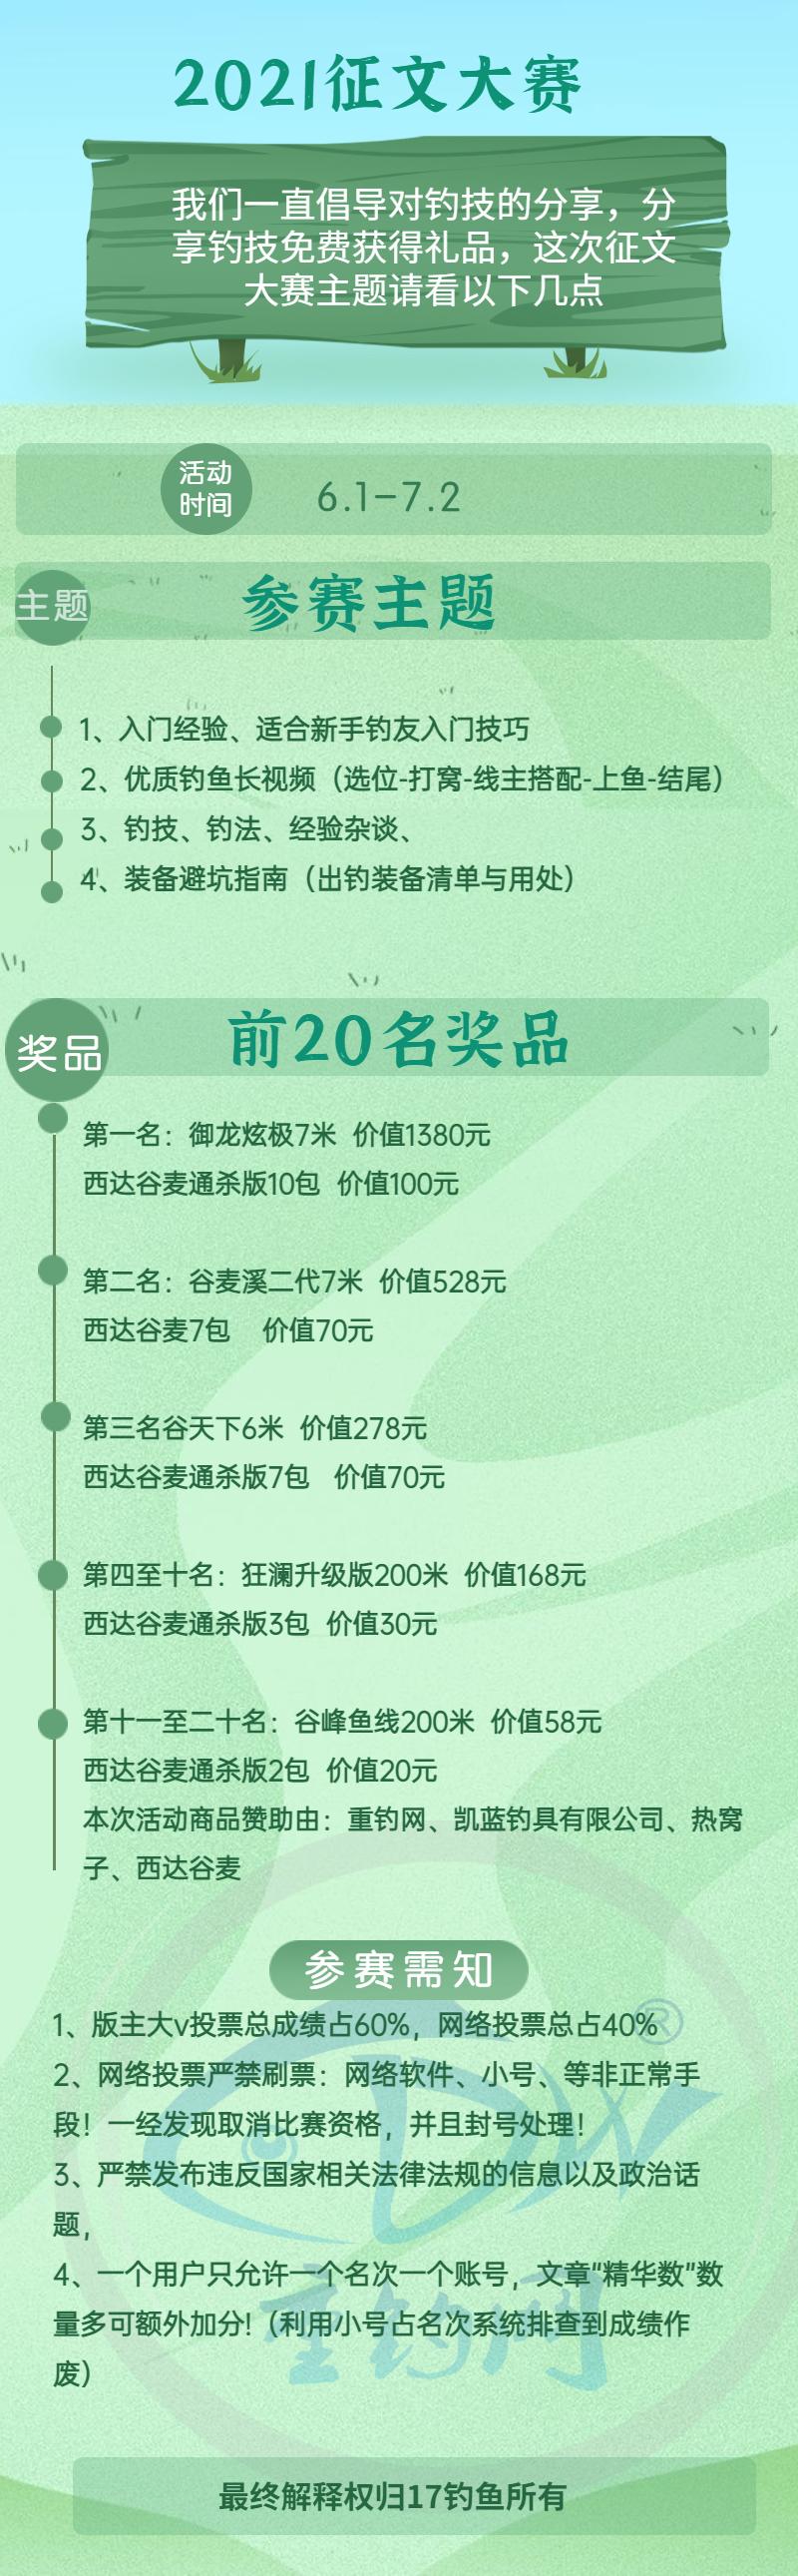 企业团建活动通知长图.jpg